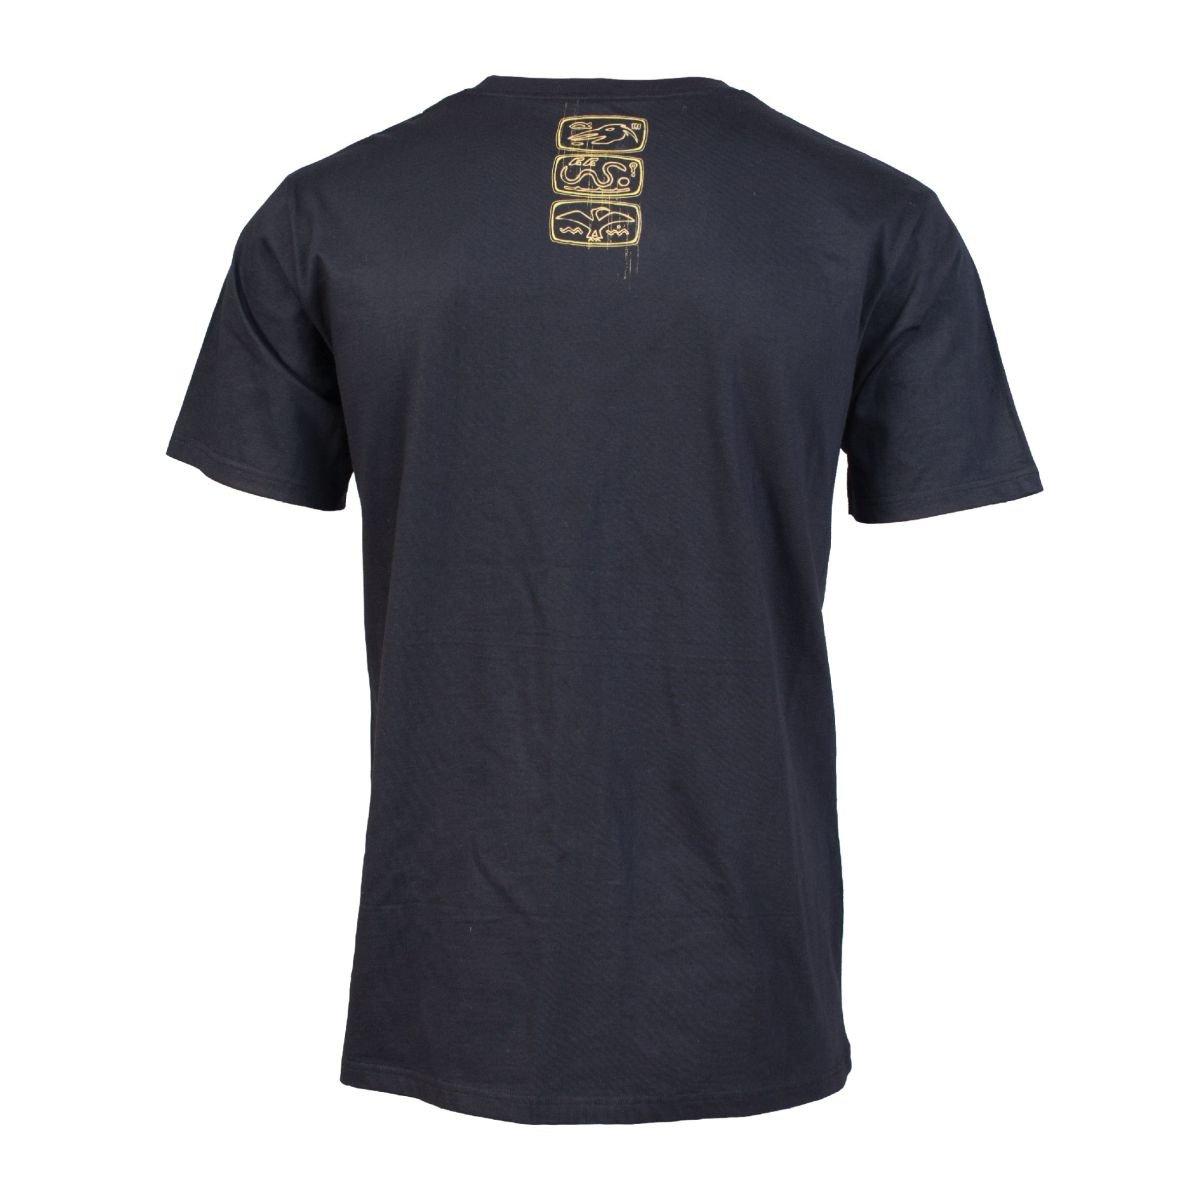 Czarny męski podkoszulek z egipskiej bawełny w Koszulki i t